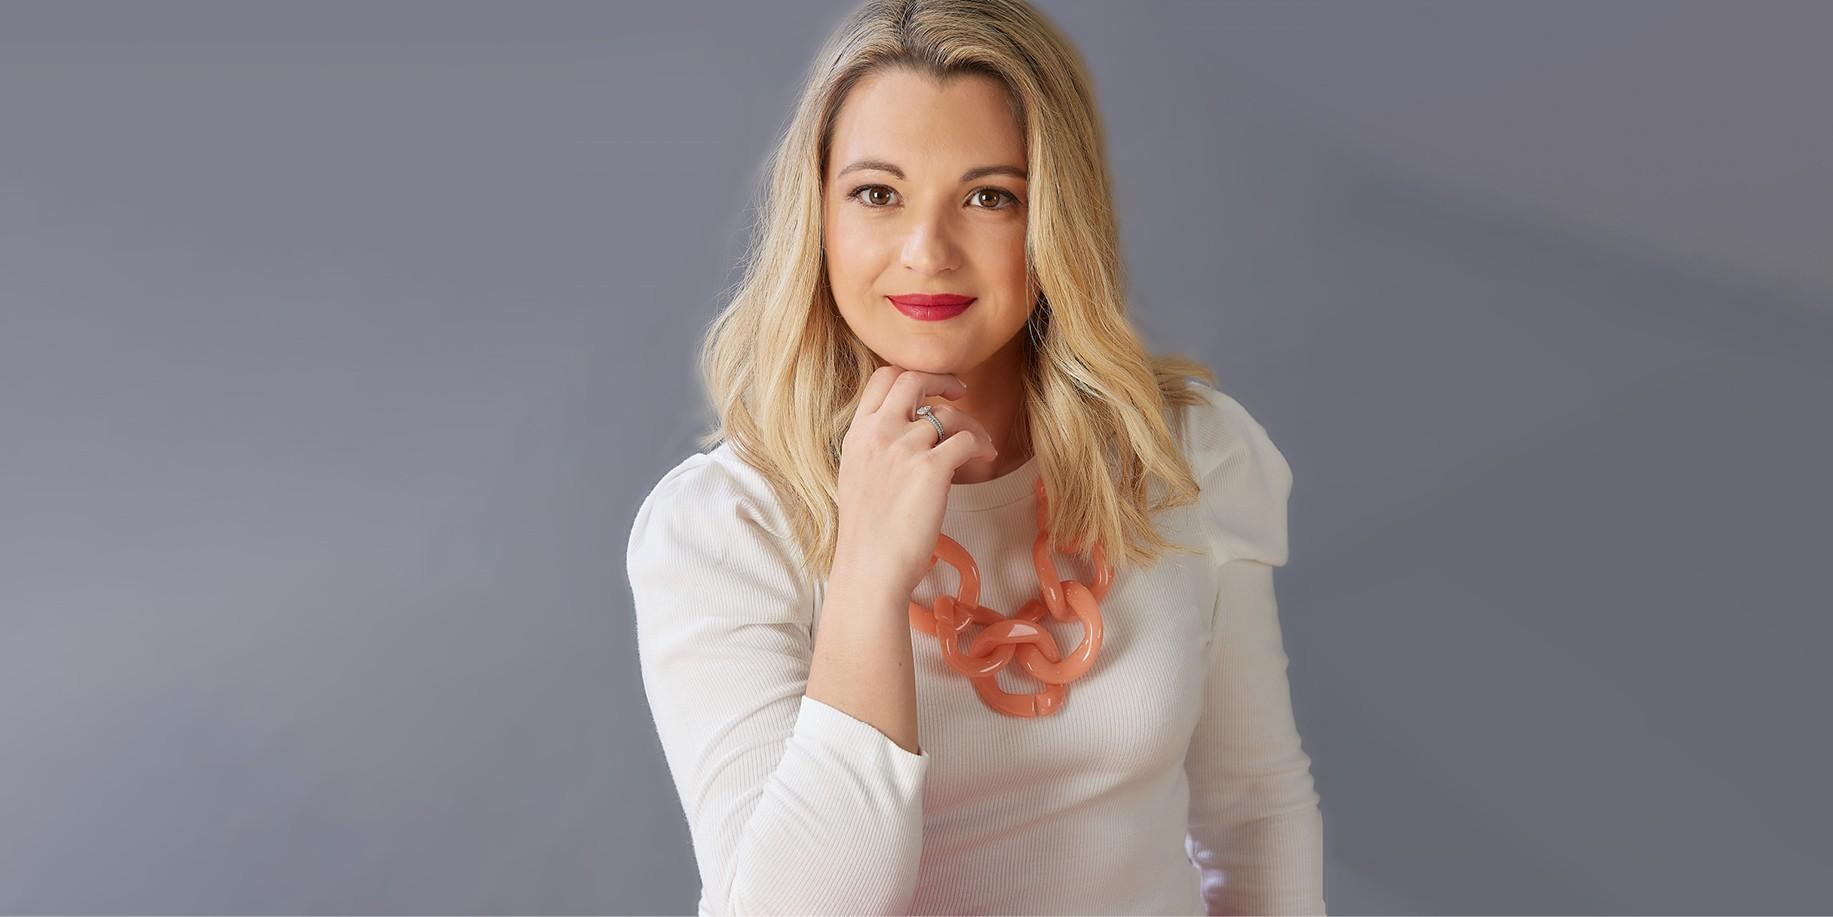 «Ο κόσμος χρειάζεται την Επιστήμη και η Επιστήμη χρειάζεται τις Γυναίκες»: Η Αλεξία Μπρη, Διευθύντρια Εταιρικής Επικοινωνίας στην L'Oréal Hellas μιλάει στο ELLE Η Αλεξία Μπρη, Διευθύντρια Εταιρικής Επικοινωνίας στην L'Oréal Hellas, μιλάει στο ELLE για τα πρωτοπόρα βήματα της εταιρείας σε ό,τι έχει να κάνει με την ισότητα των δύο φύλων αλλά και για την δέσμευσή της για συνεχή προσπάθεια πρόοδου σε κοινωνικό και περιβαλλοντικό επίπεδο.